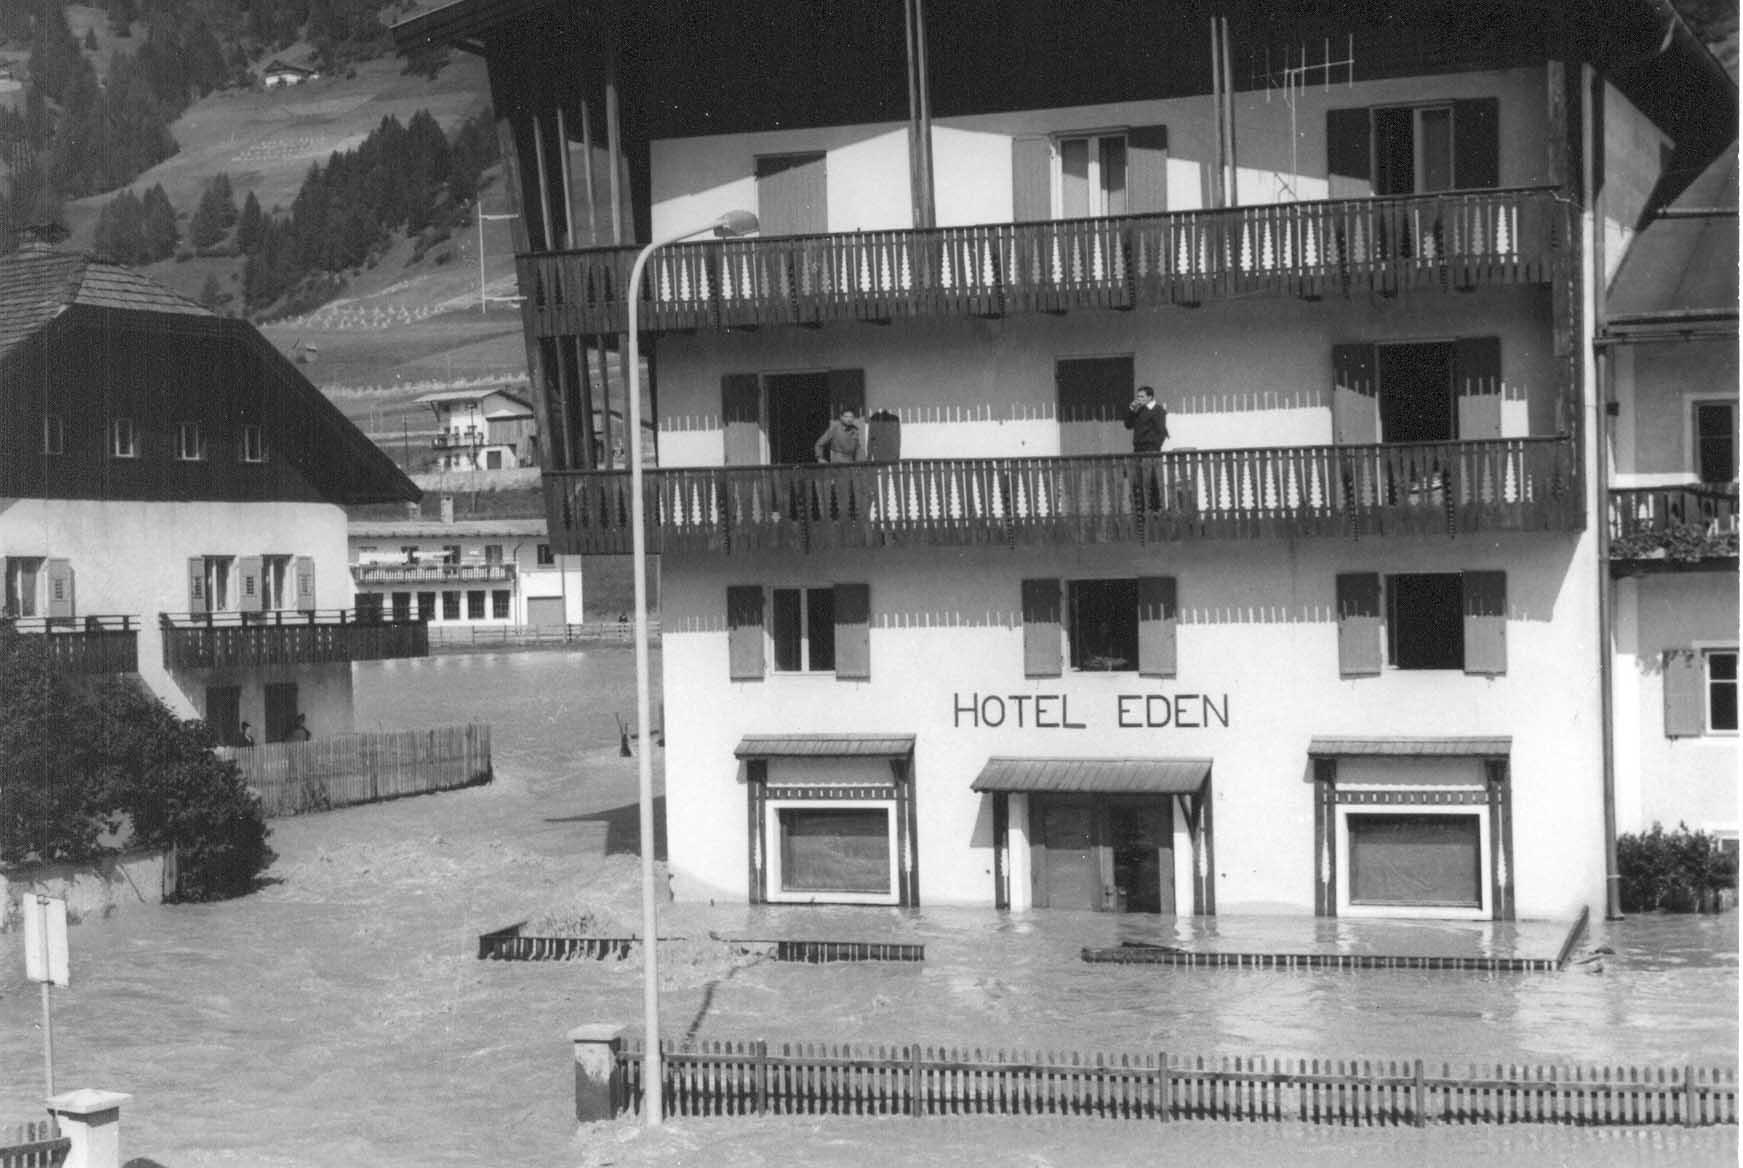 pab drava Lalluvione del 1965 a San Candido